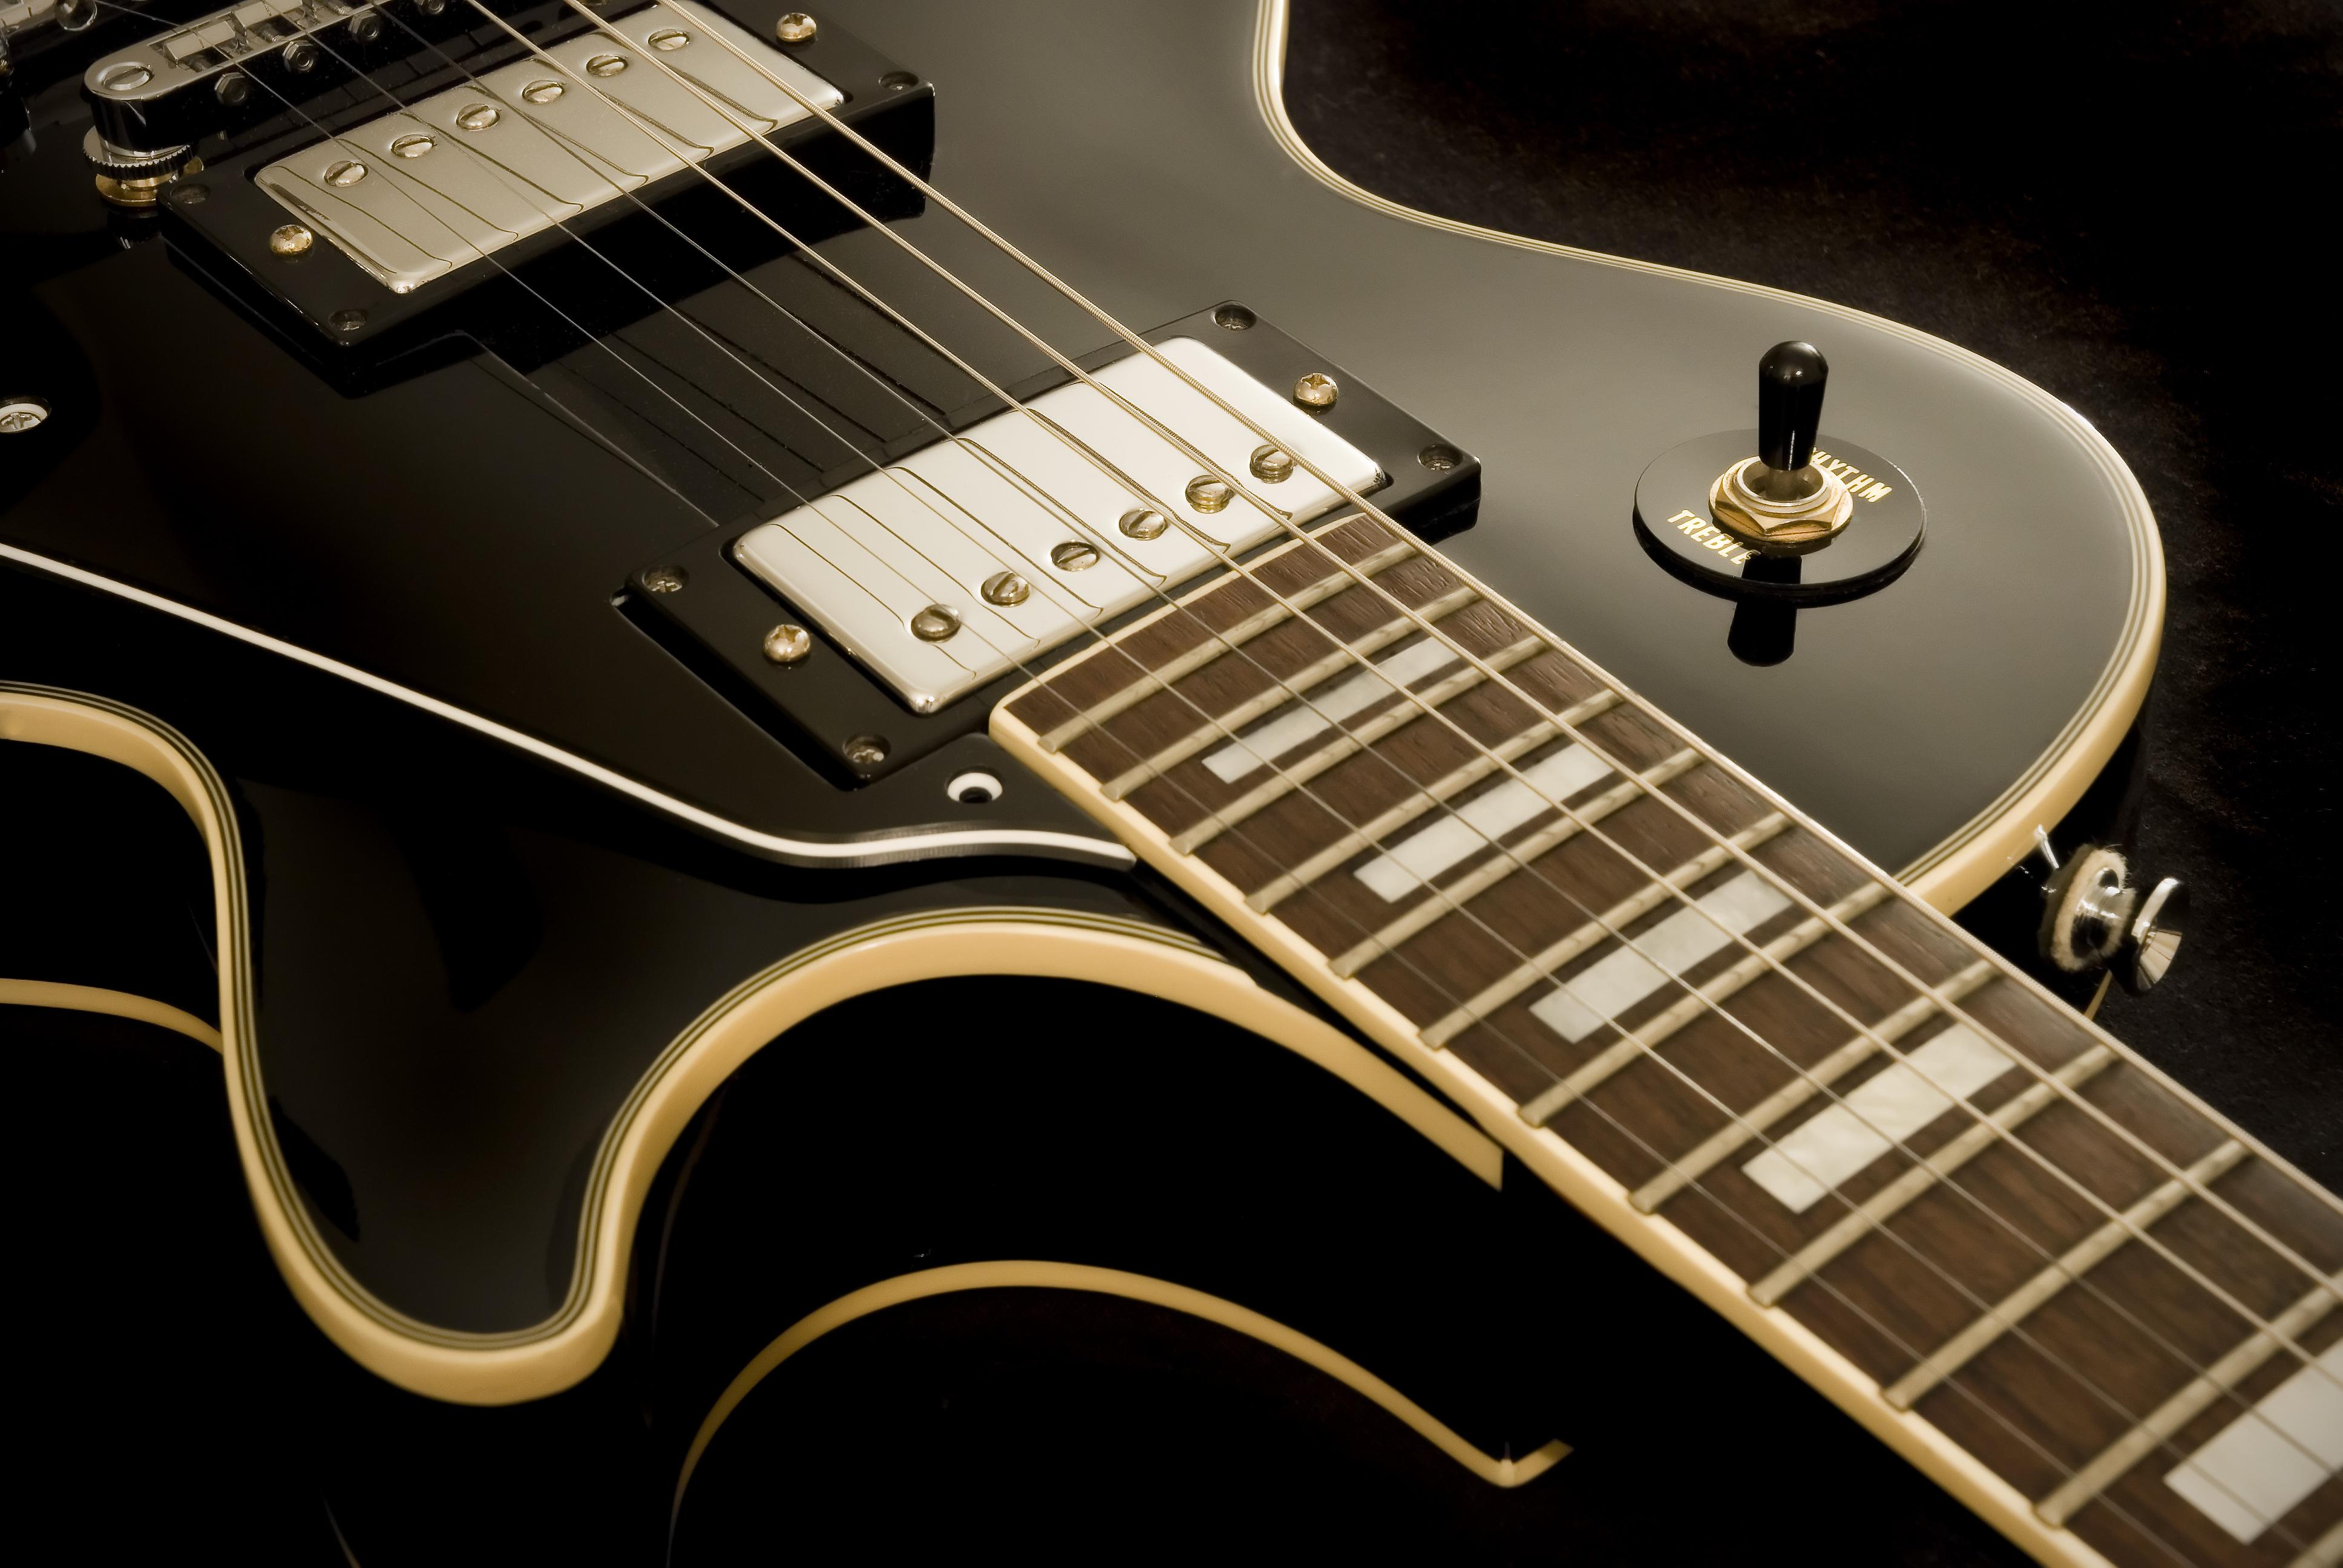 гитара музыка guitar music  № 1633736 загрузить